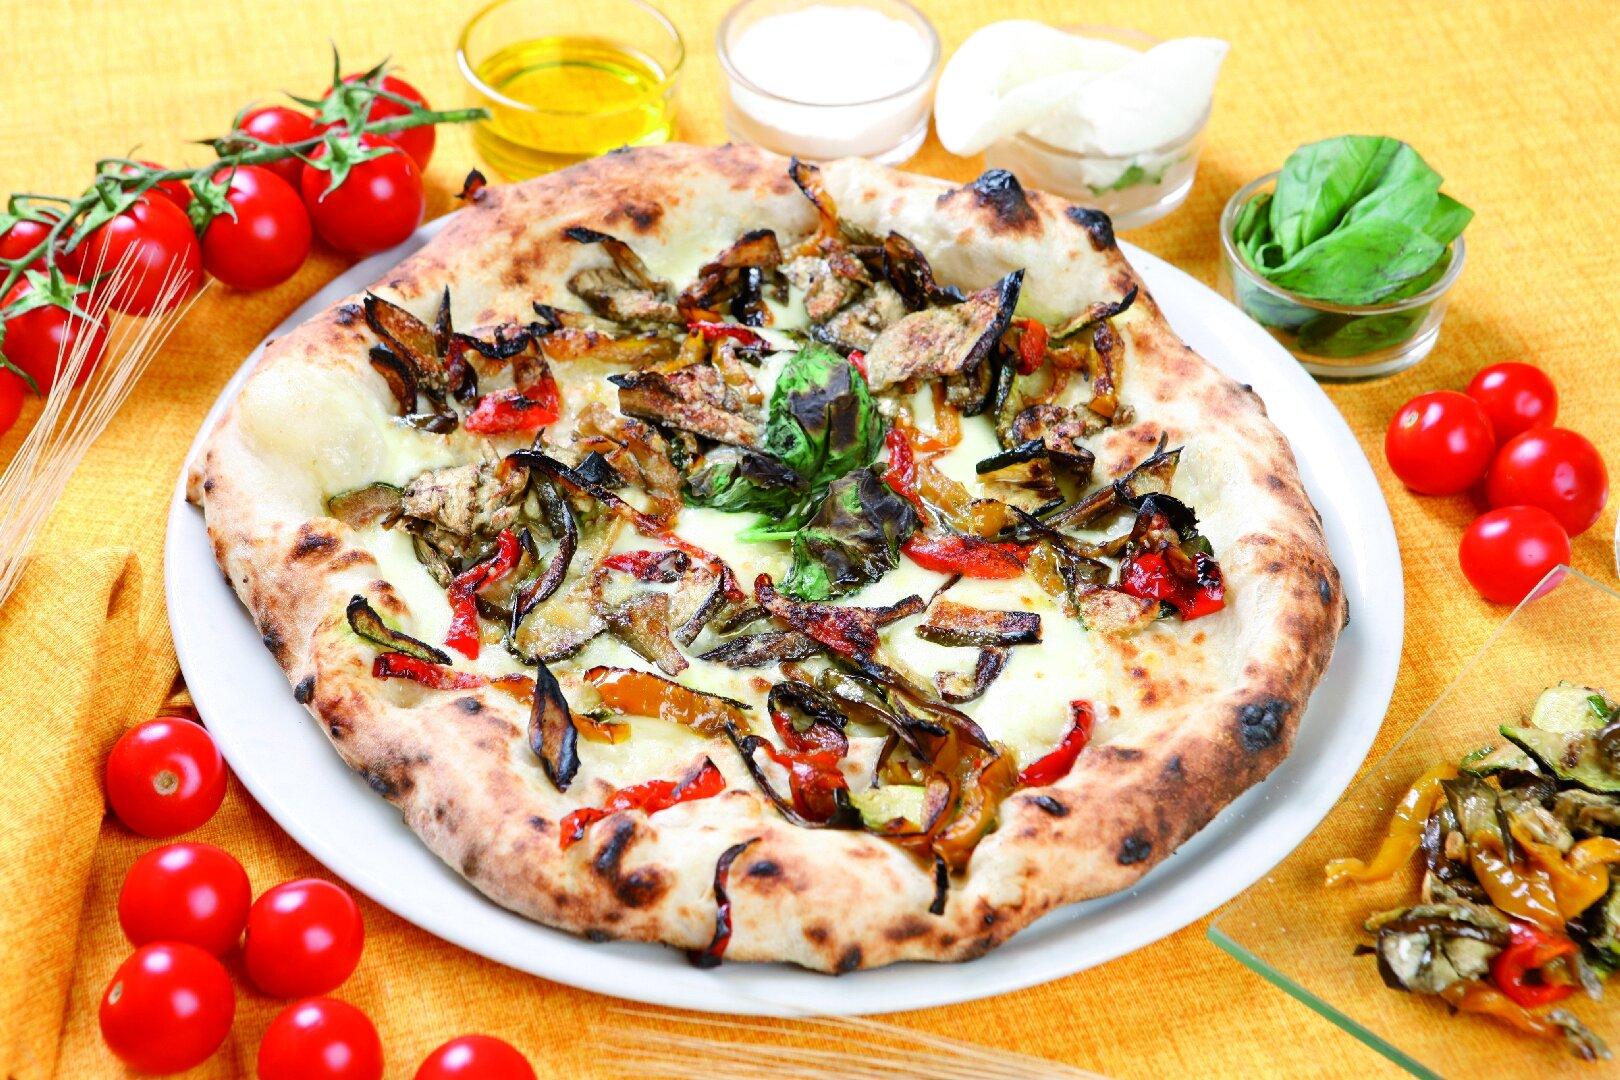 Ricetta Pizza Ortolana.Ricetta Pizza Ortolana Da Fare In Casa Agrodolce